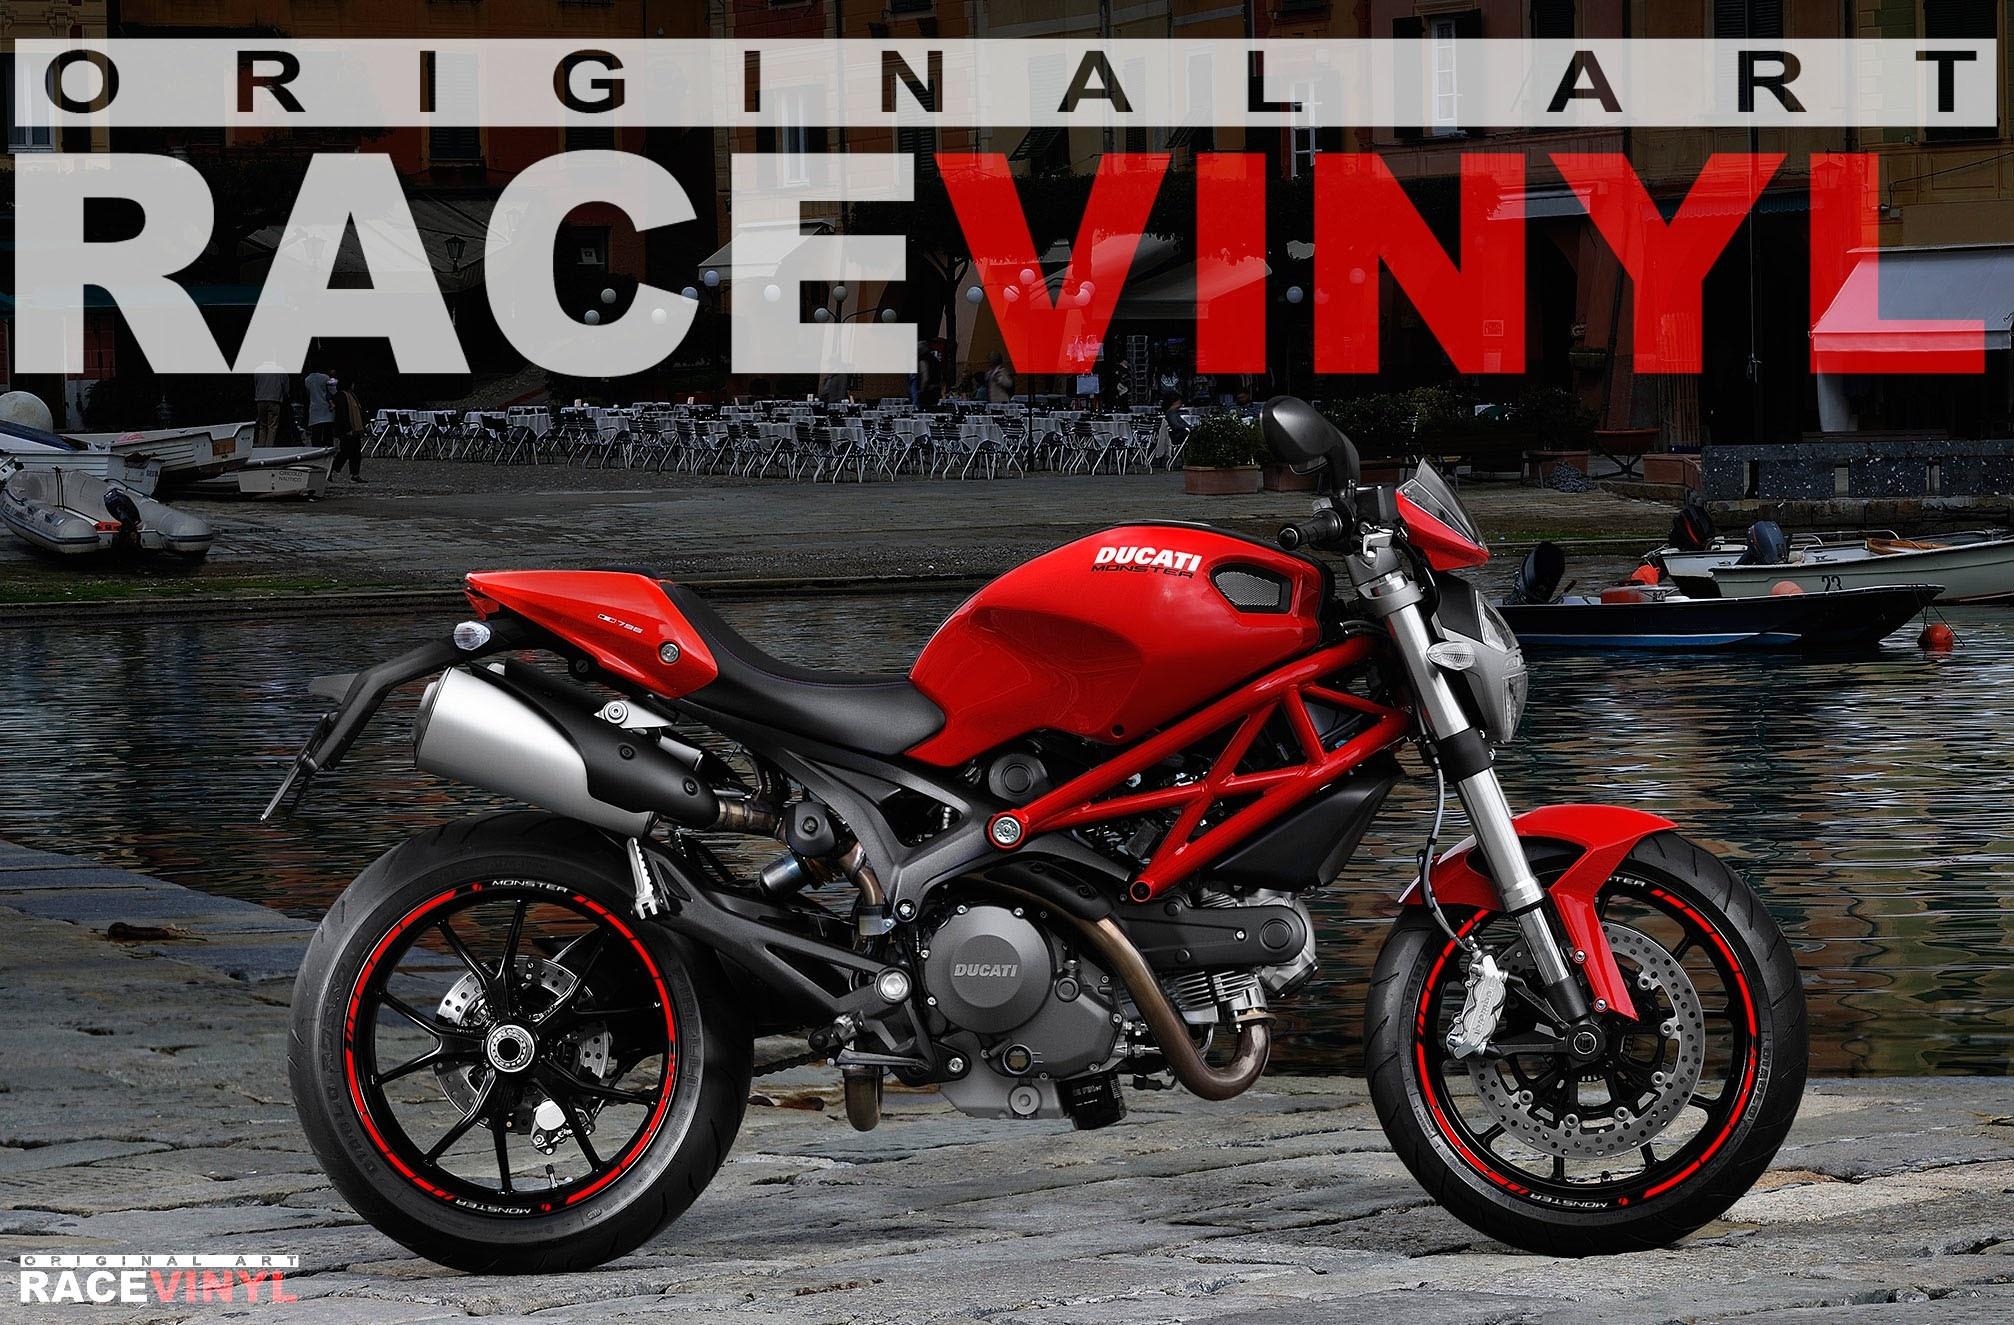 Honda Hornet 600 Wallpapaer Awesome Ducati Monster 620 659 696 750 796 800 900 1000 1100 1200 Et Honda-595 Of New Honda Hornet 600 Wallpapaer-595